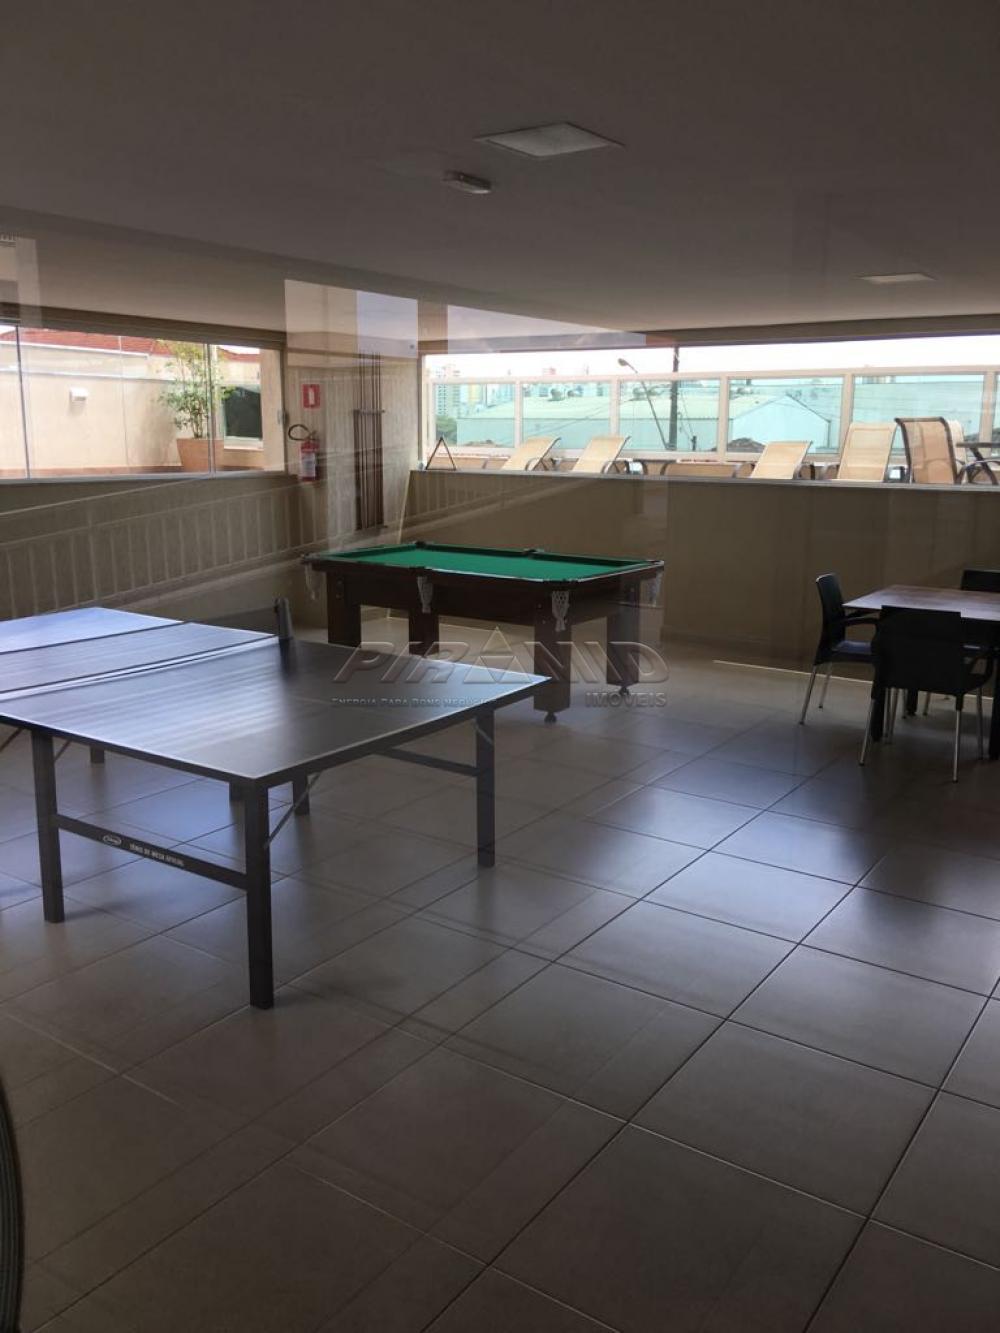 Comprar Apartamento / Padrão em Ribeirão Preto R$ 415.000,00 - Foto 29